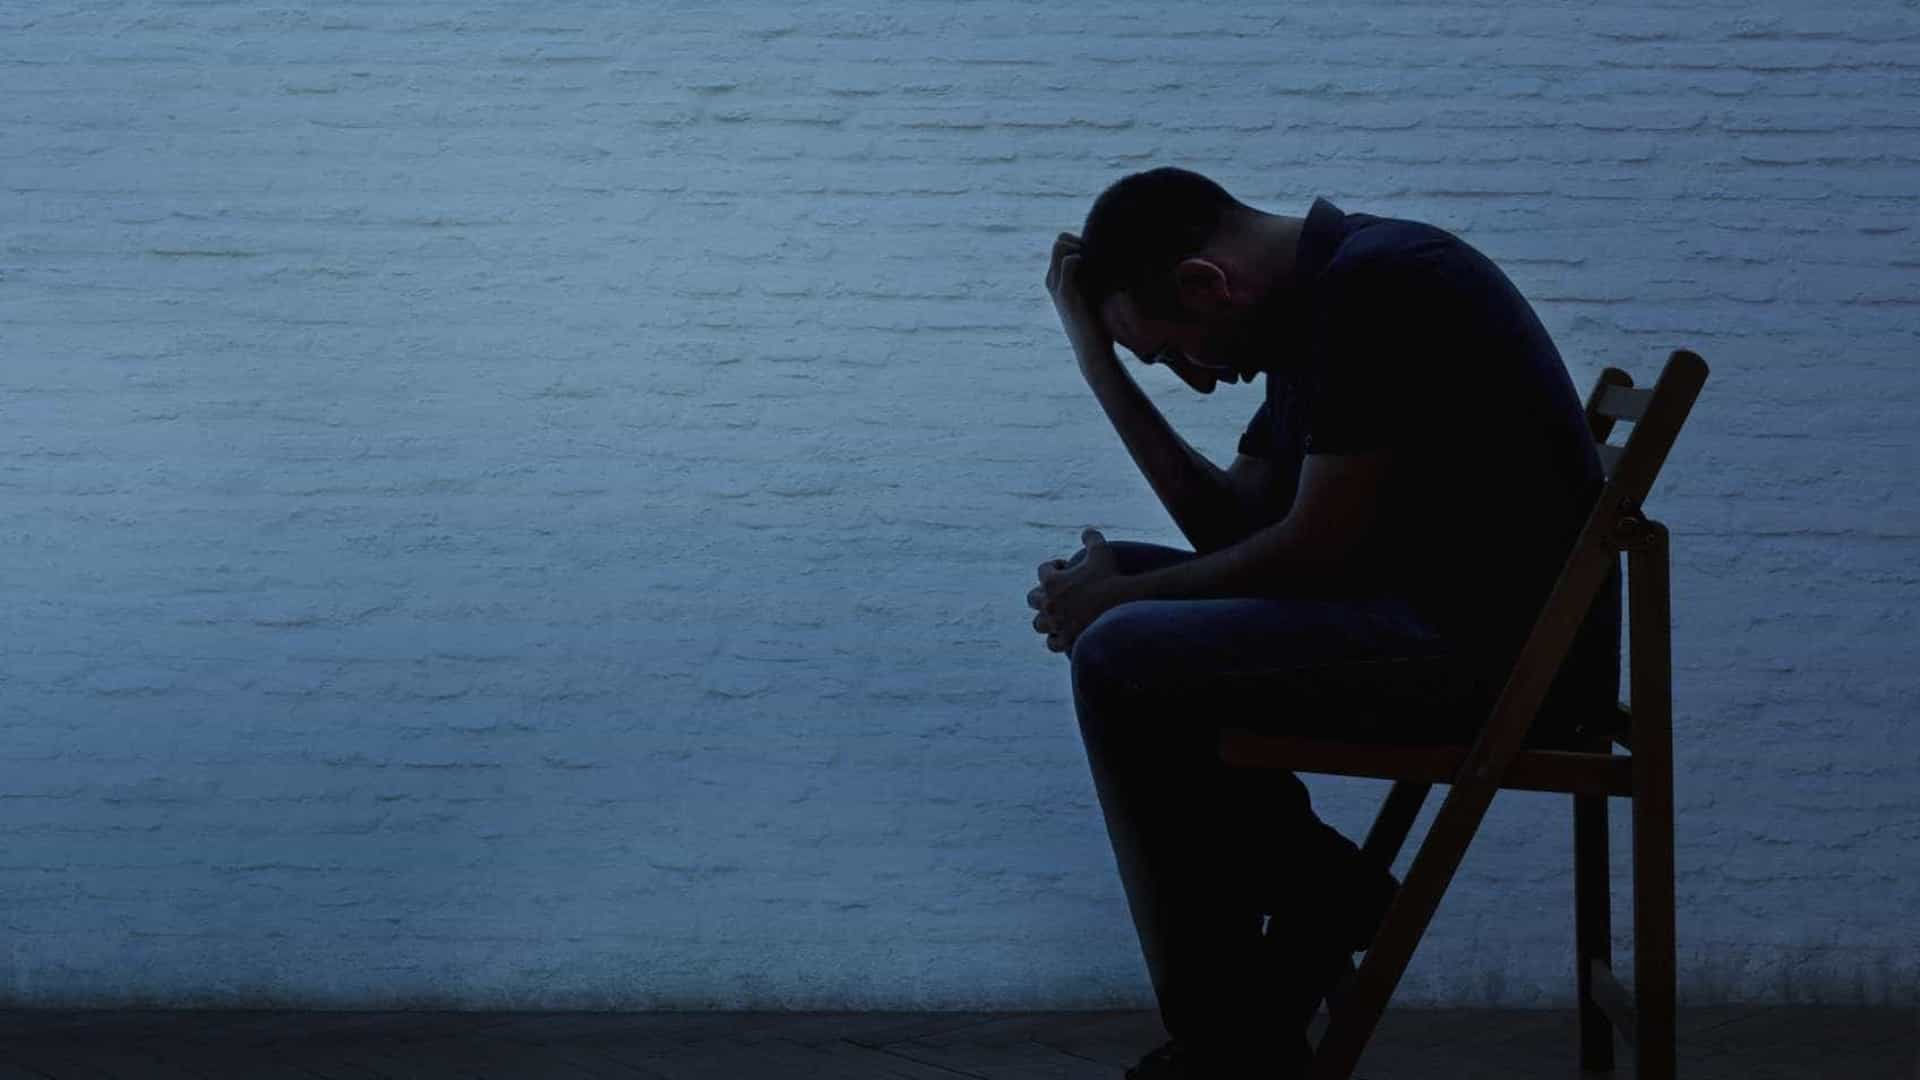 Síndrome de Cotard: Assim é a vida de quem pensa que está morto